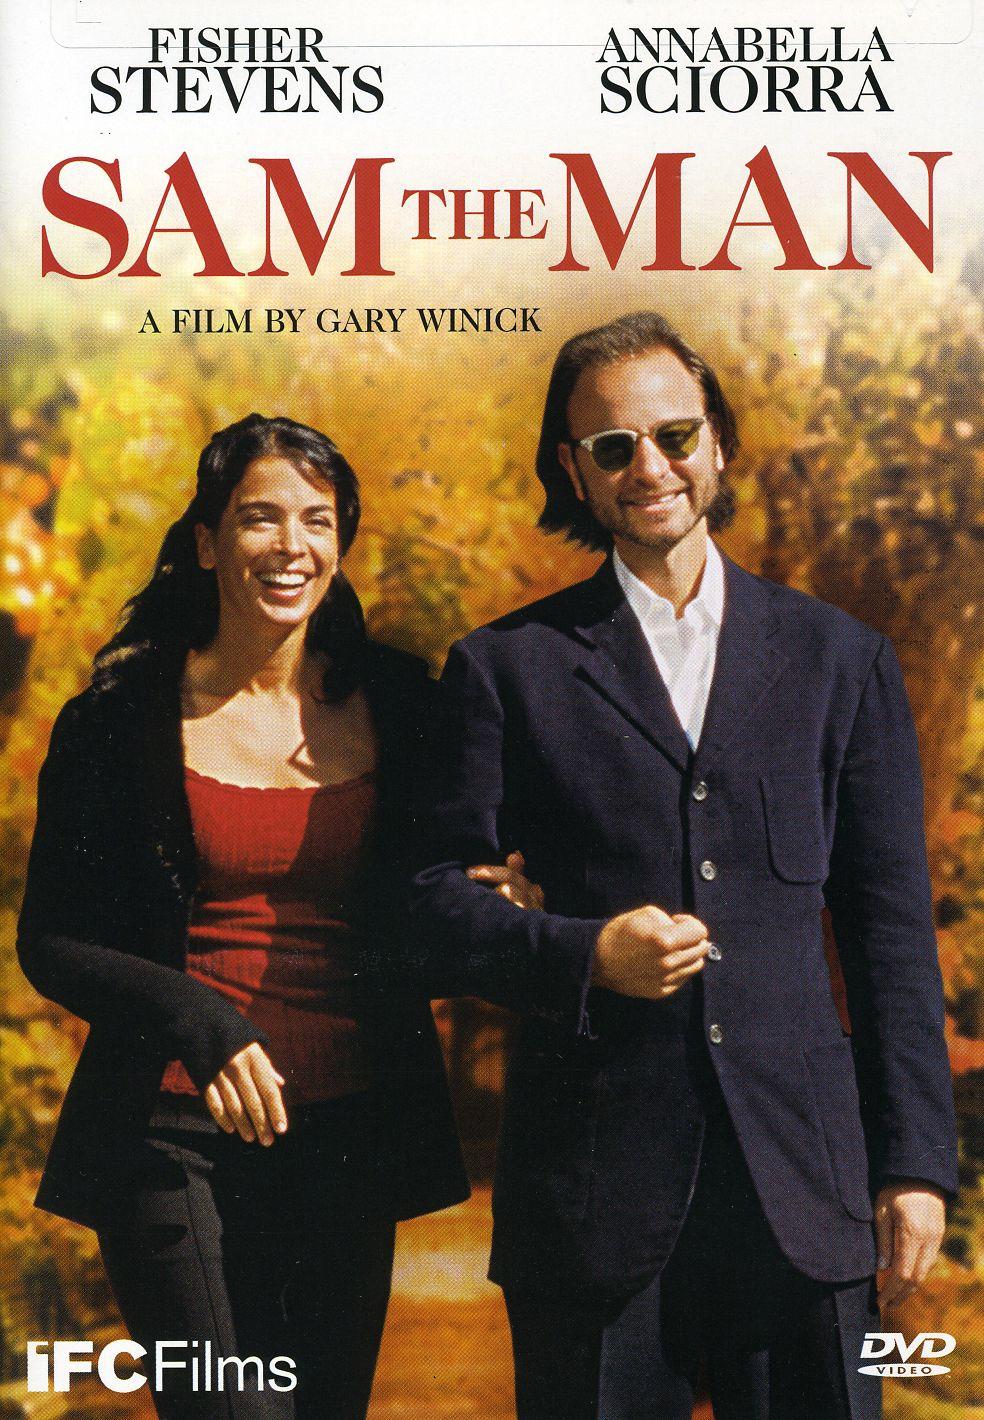 Sam the Man (DVD)